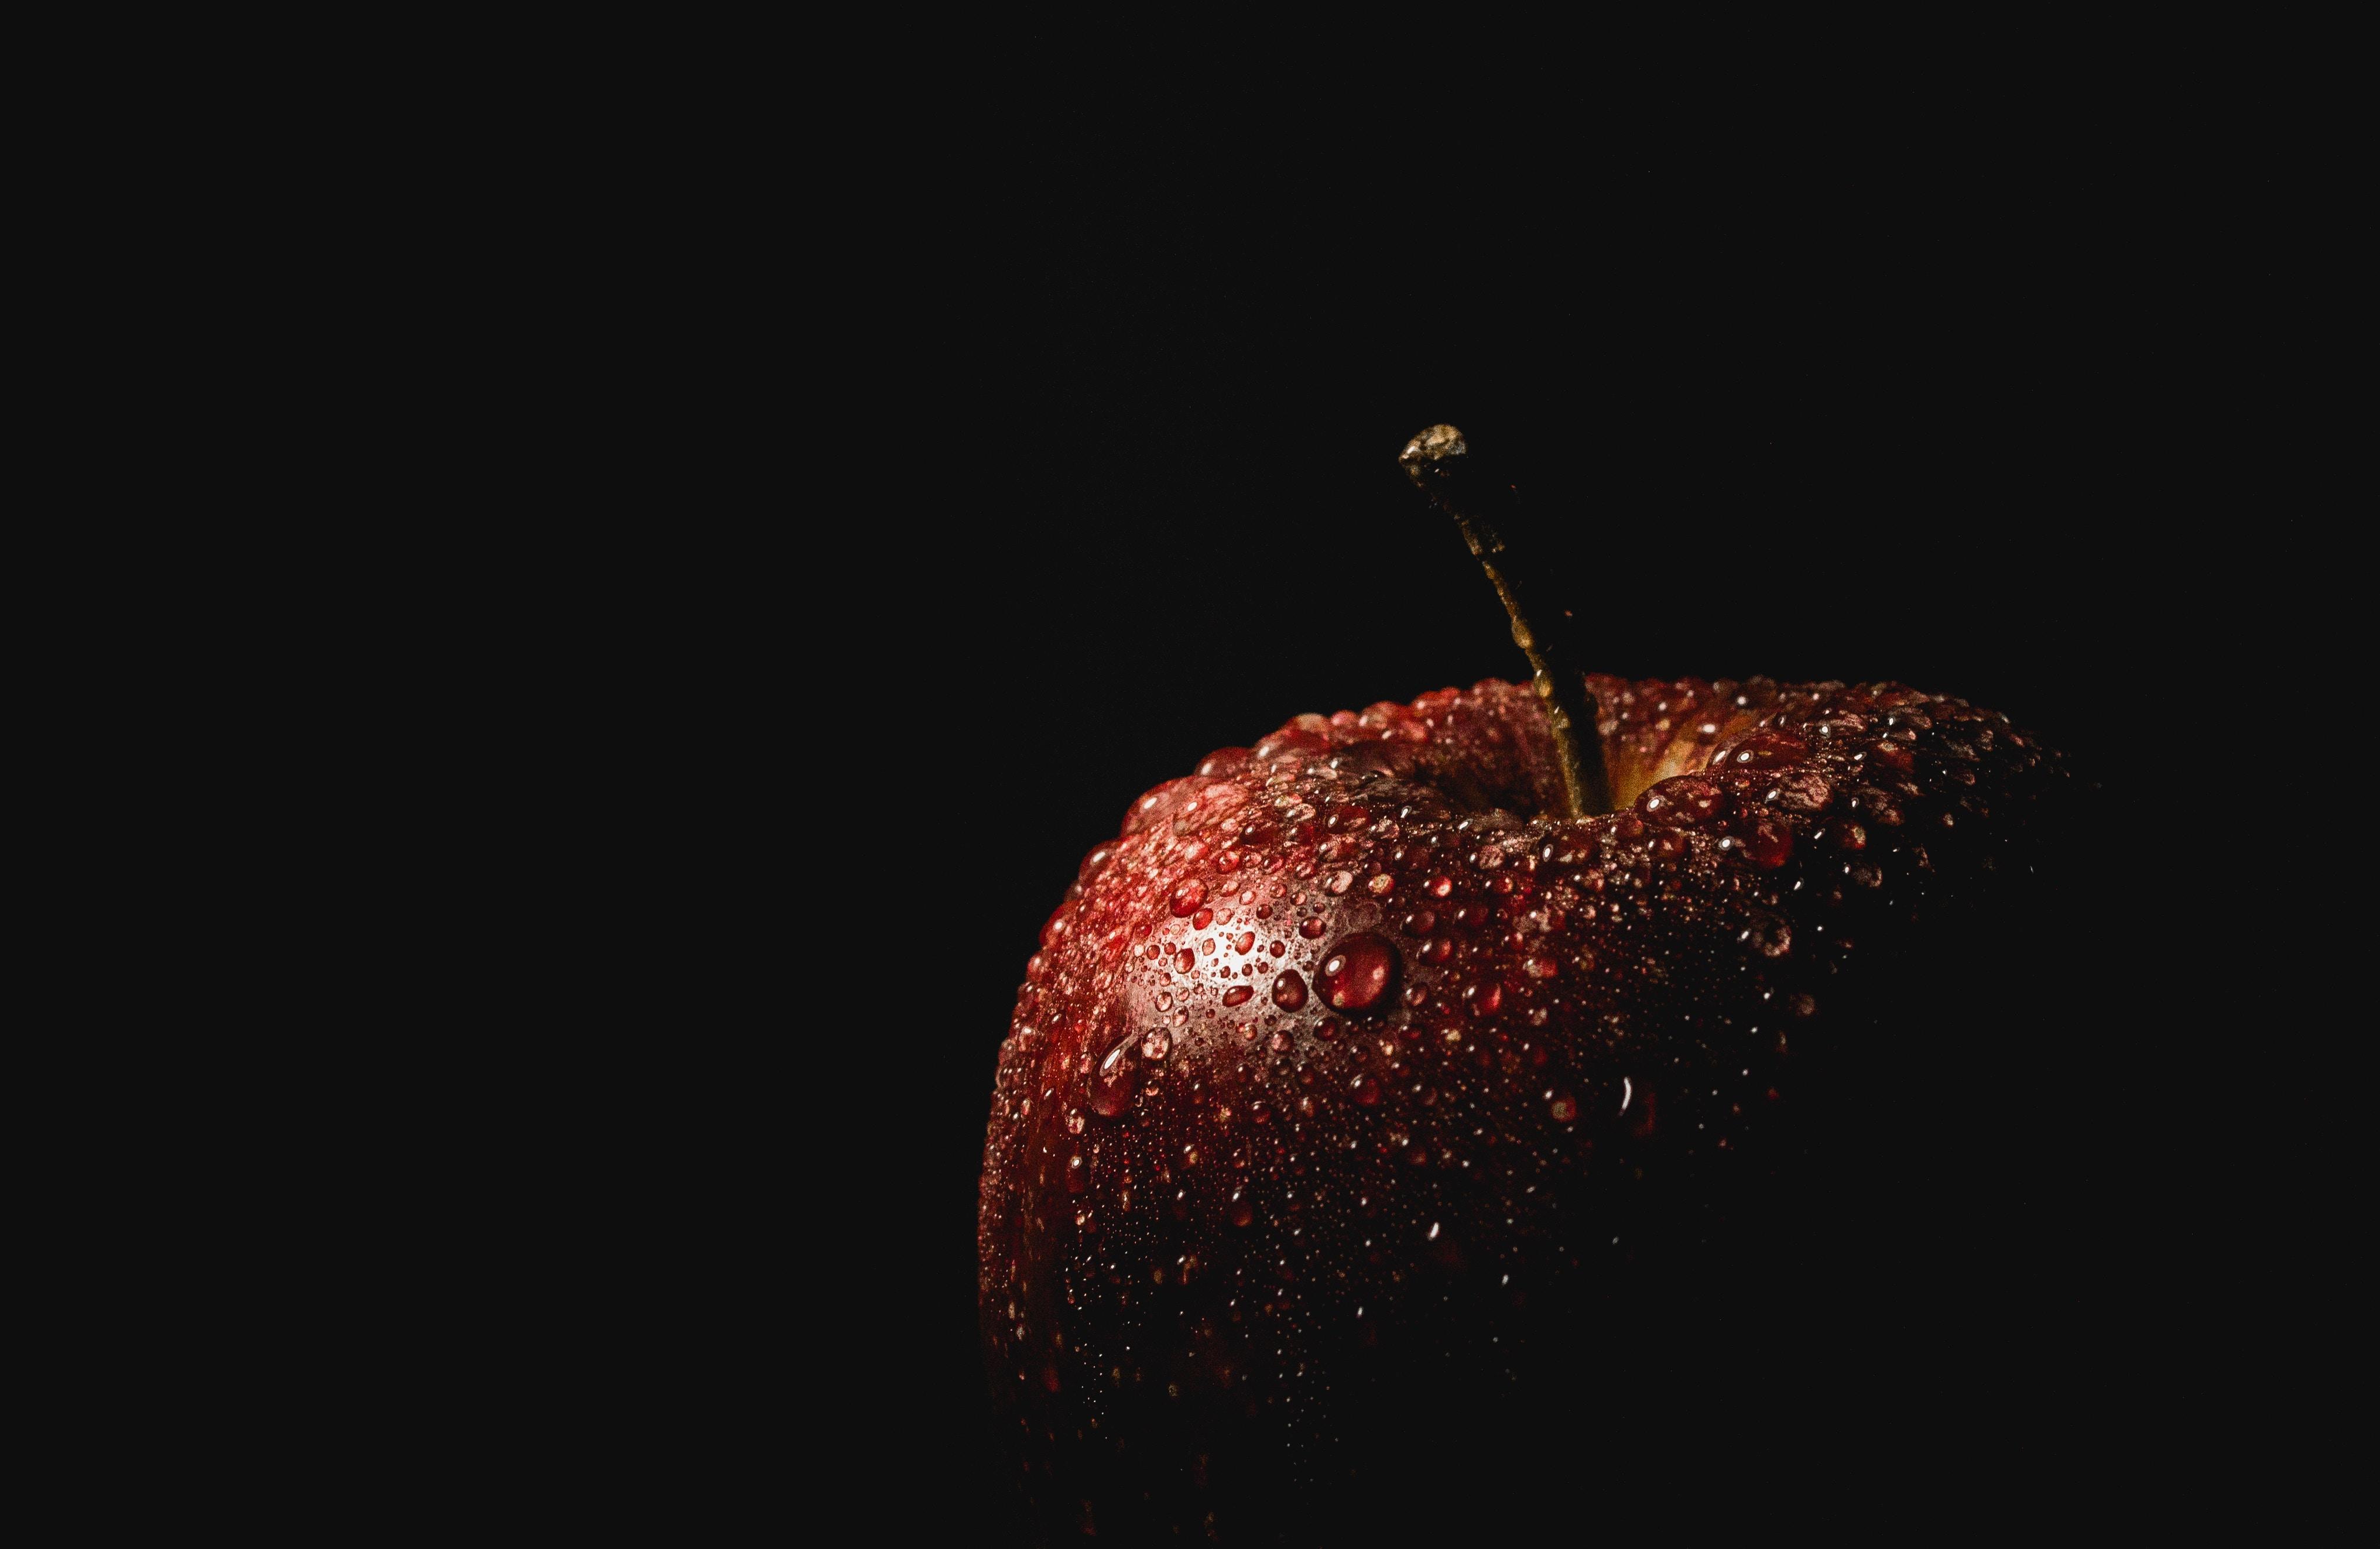 112612 Hintergrundbild herunterladen Dunkel, Drops, Schwarzer Hintergrund, Apfel - Bildschirmschoner und Bilder kostenlos